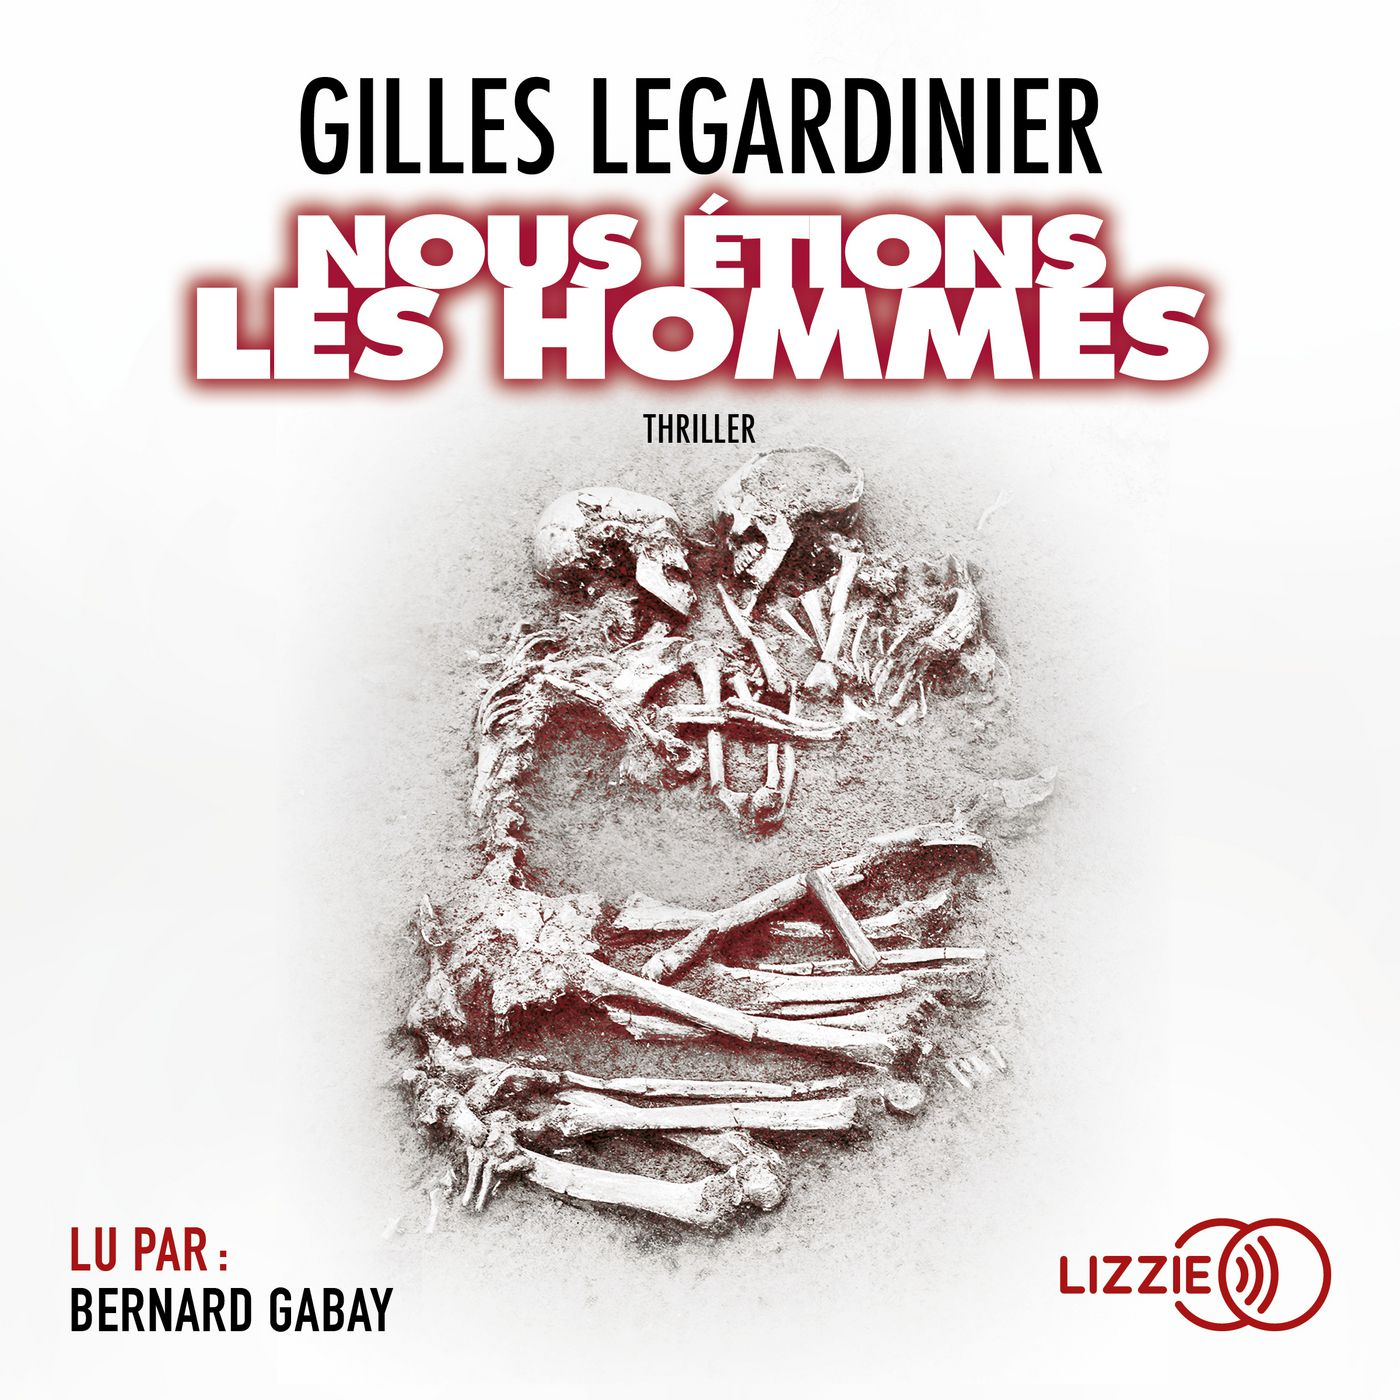 Thriller, polar, littérature, Nous étions des hommes, Gilles Legardinier, avis, chronique, blog, Alzheimer, dépôt de brevets